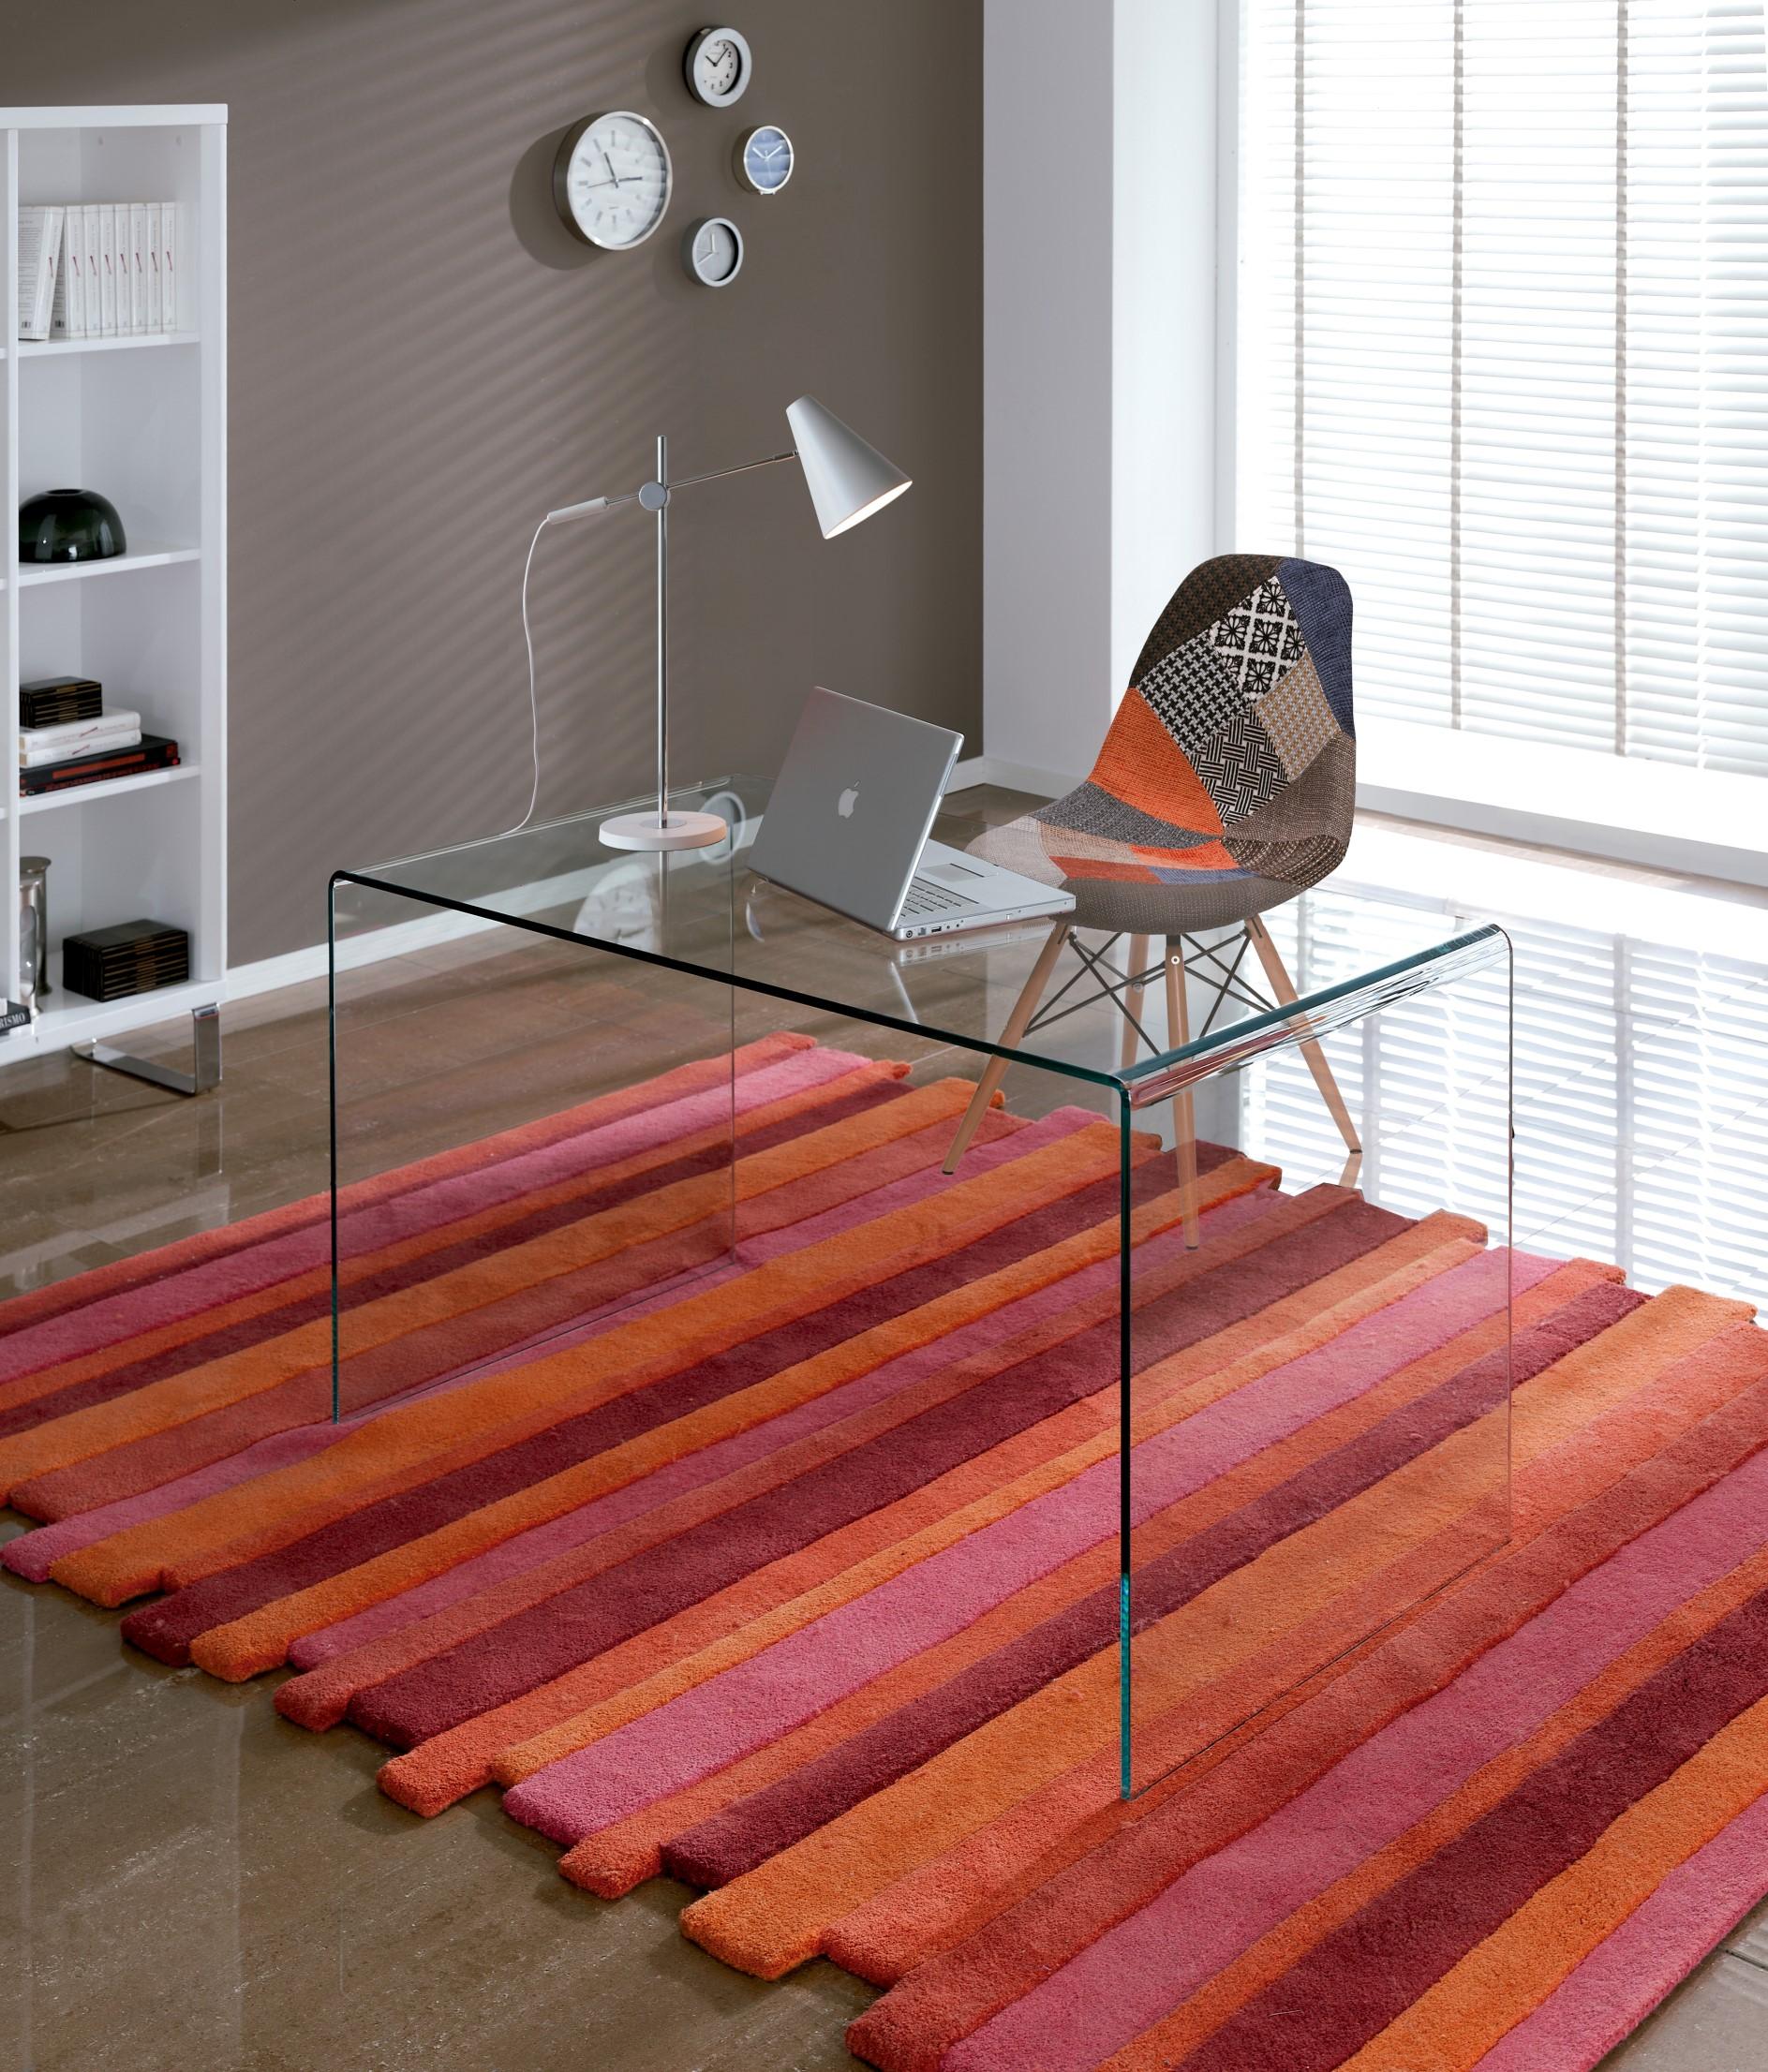 Sklenený pracovný stôl s červeným kobercom